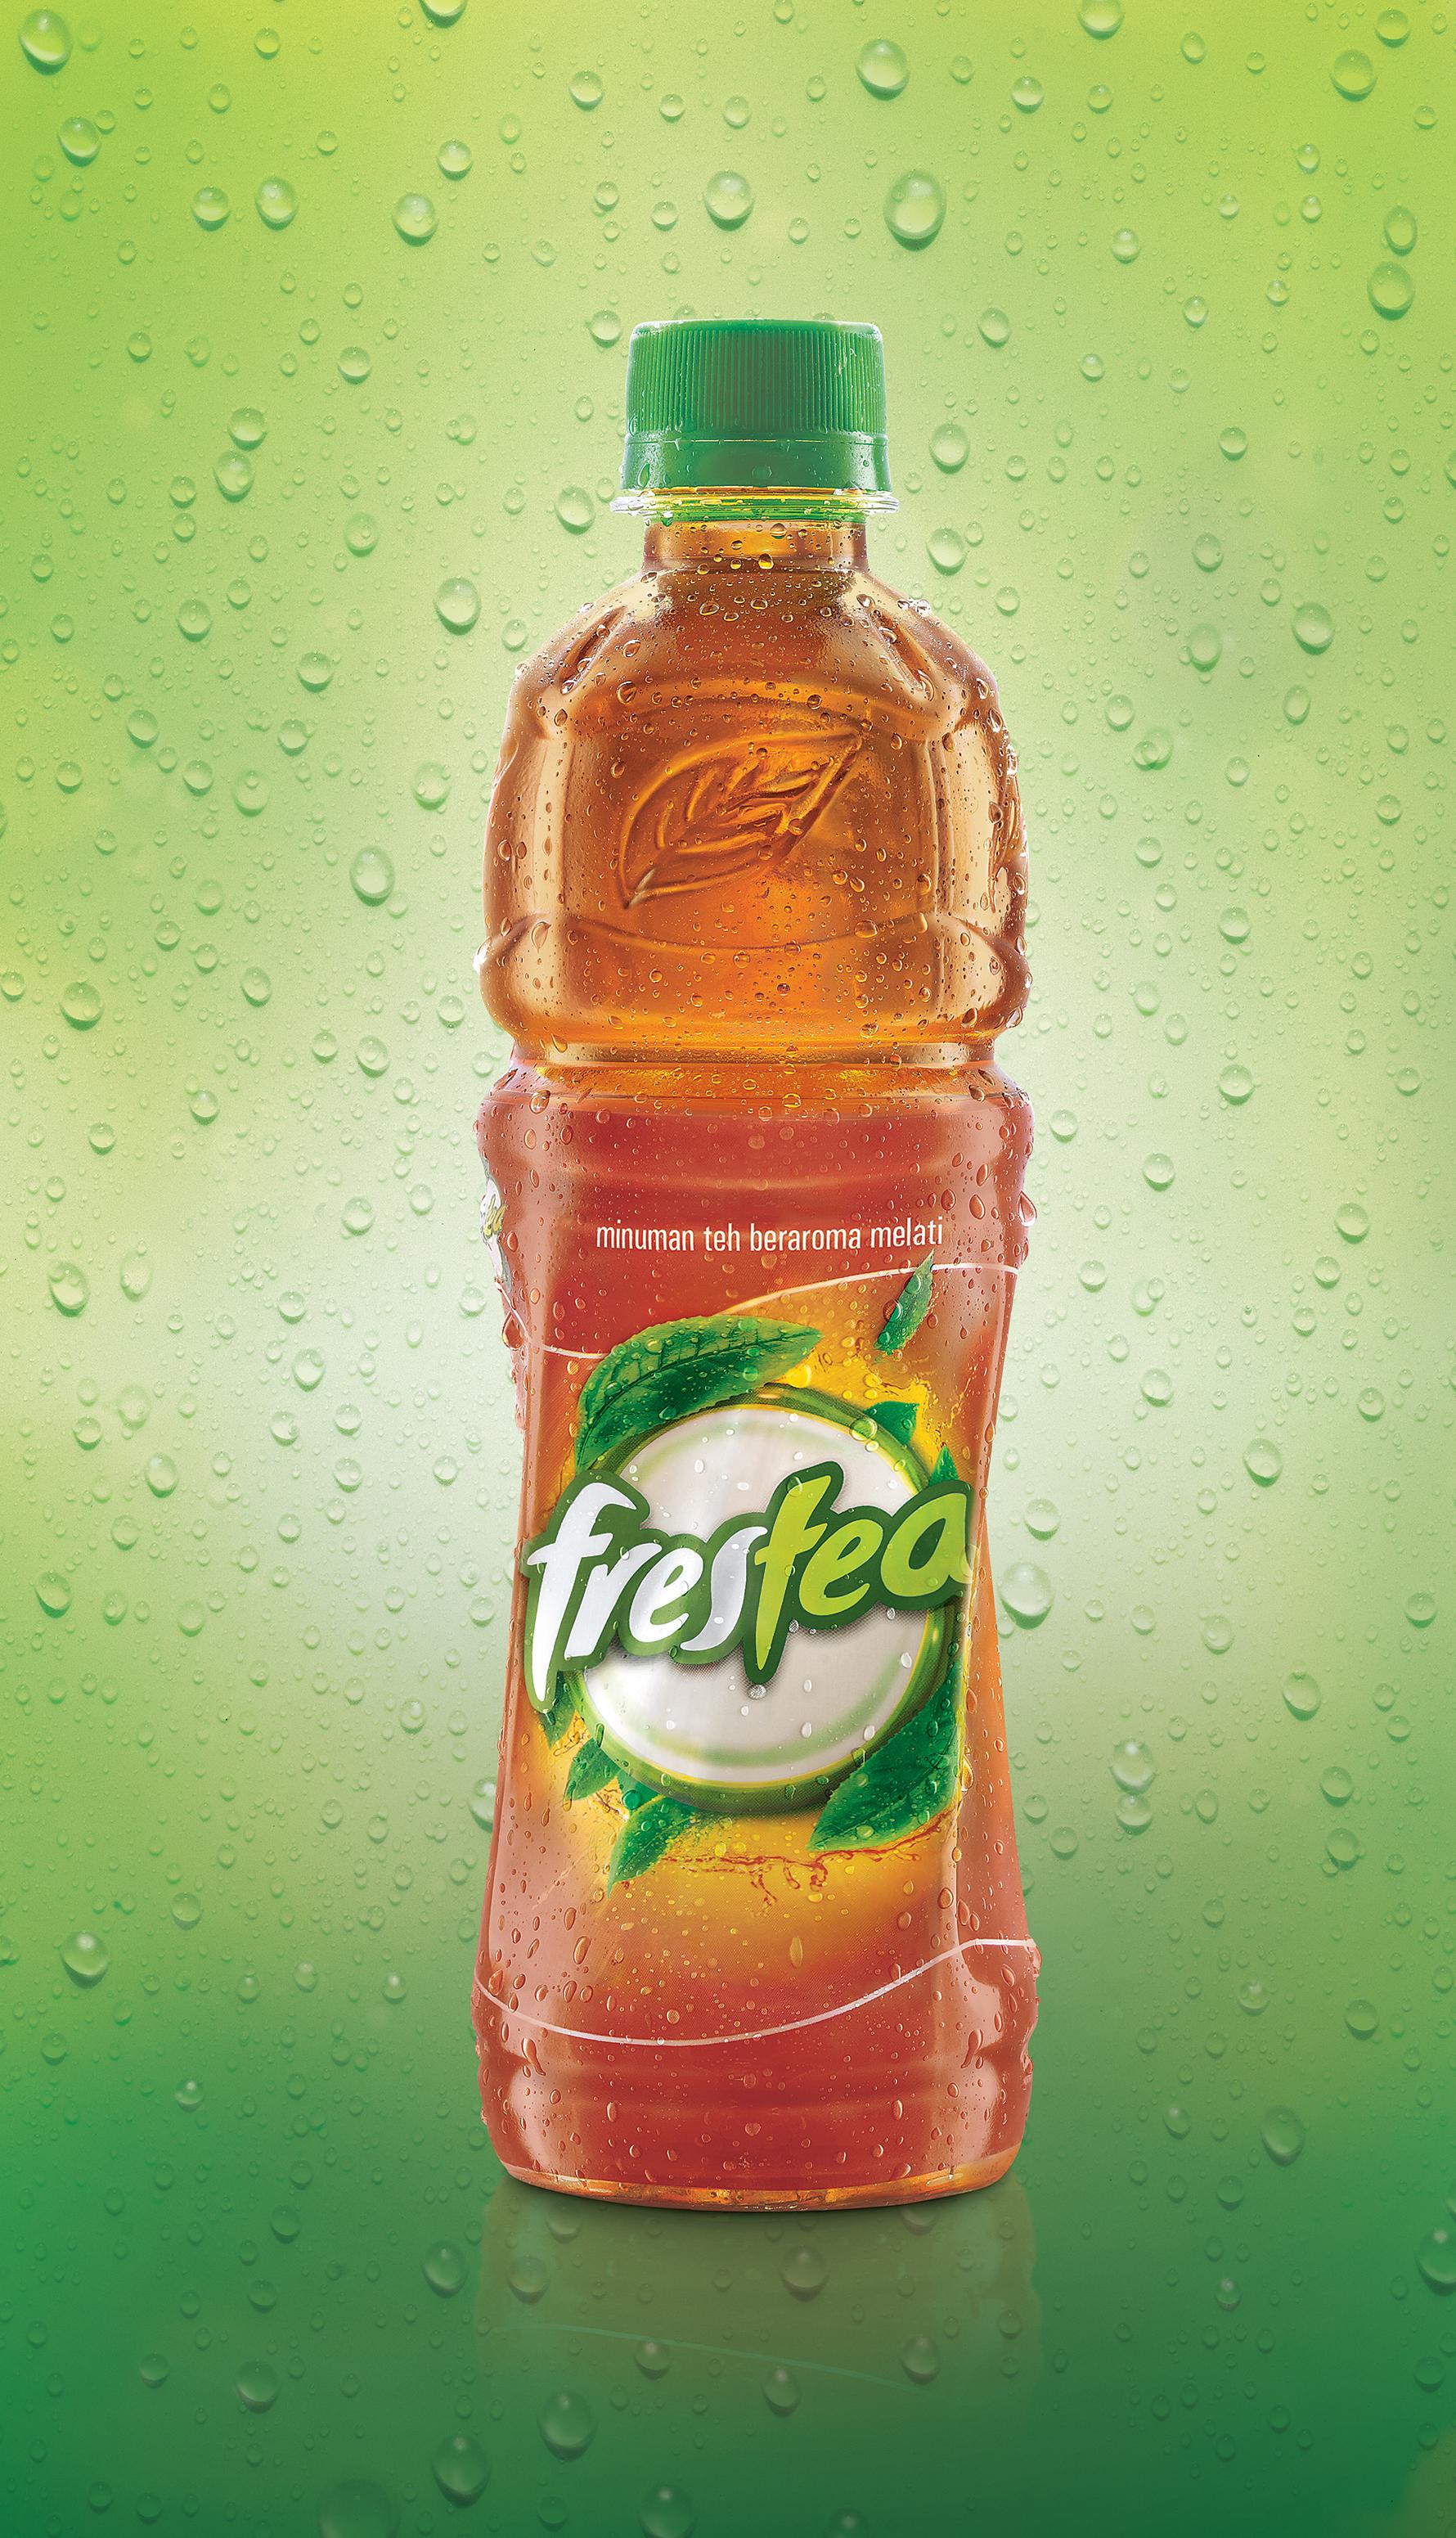 Frestea botol FINAL FINAL.jpg